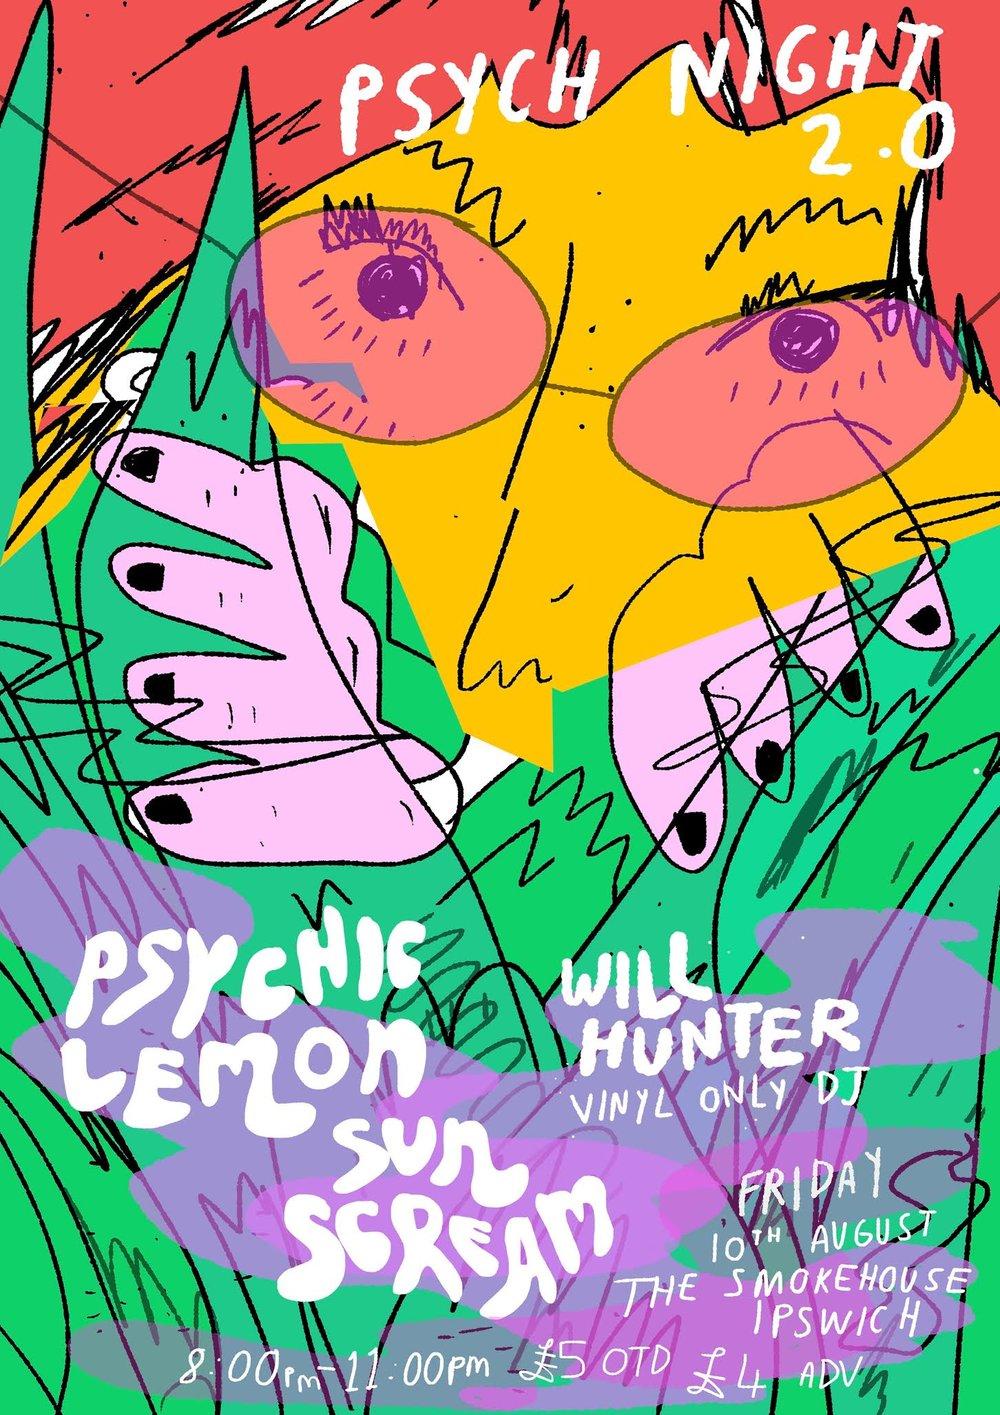 psychic lemon.jpg